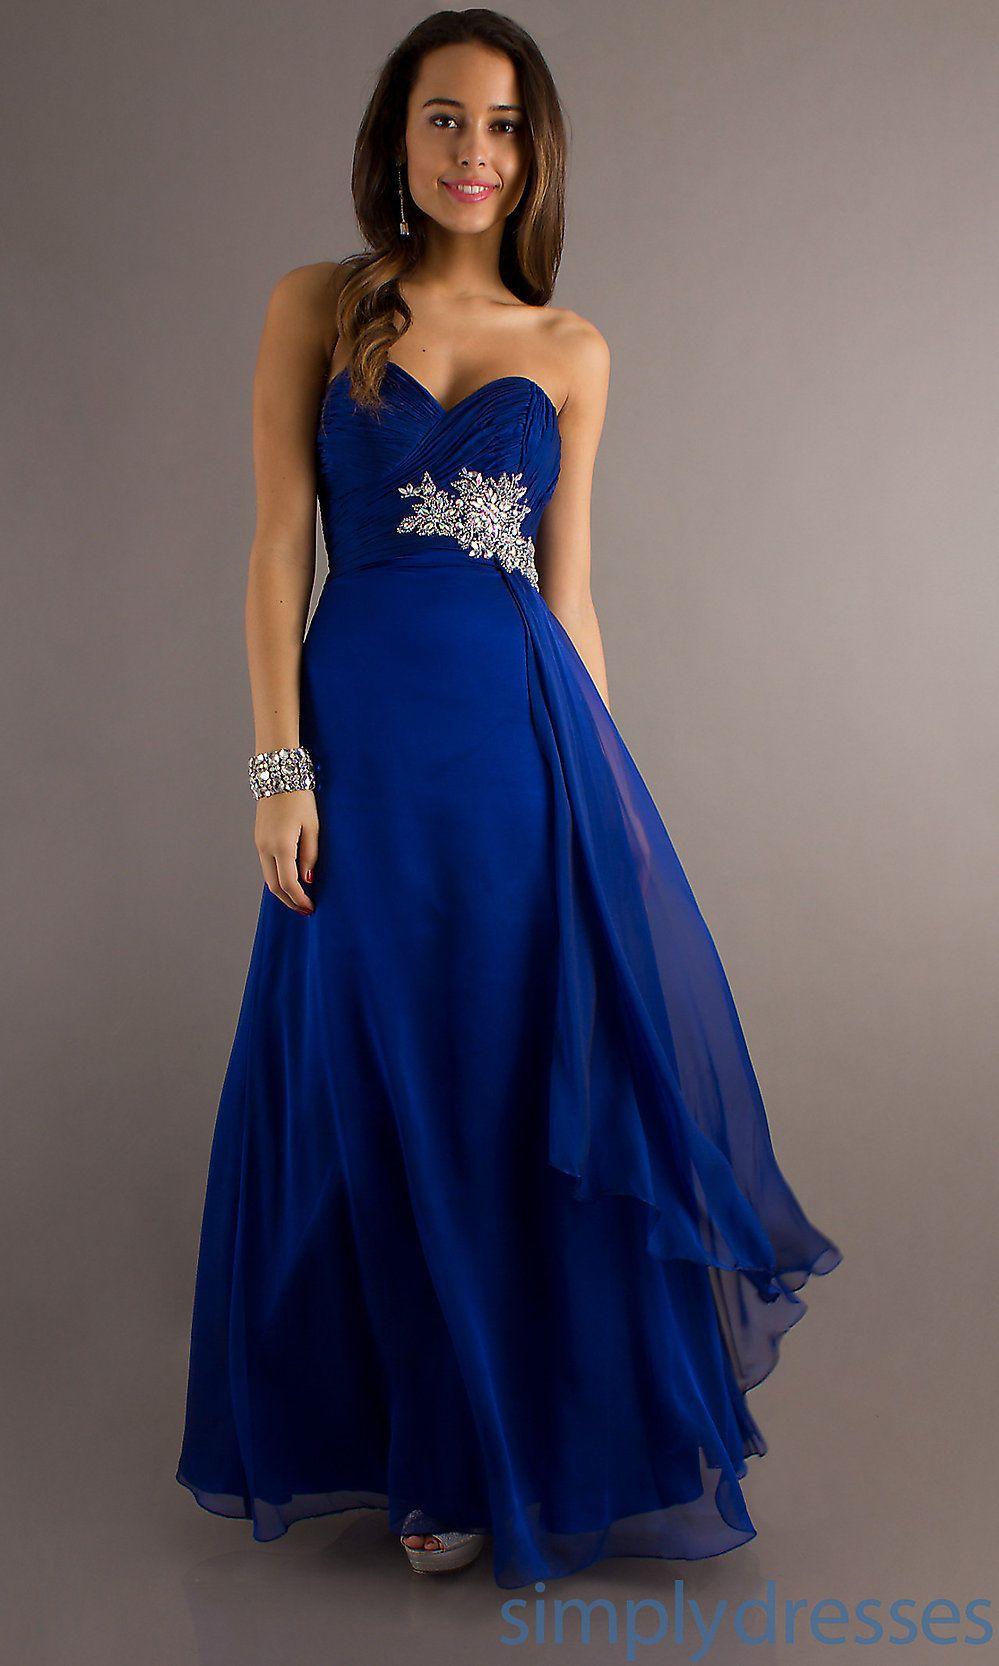 Bridesmaid Dresses Royal Blue And Silver 1 | bridesmaid ...